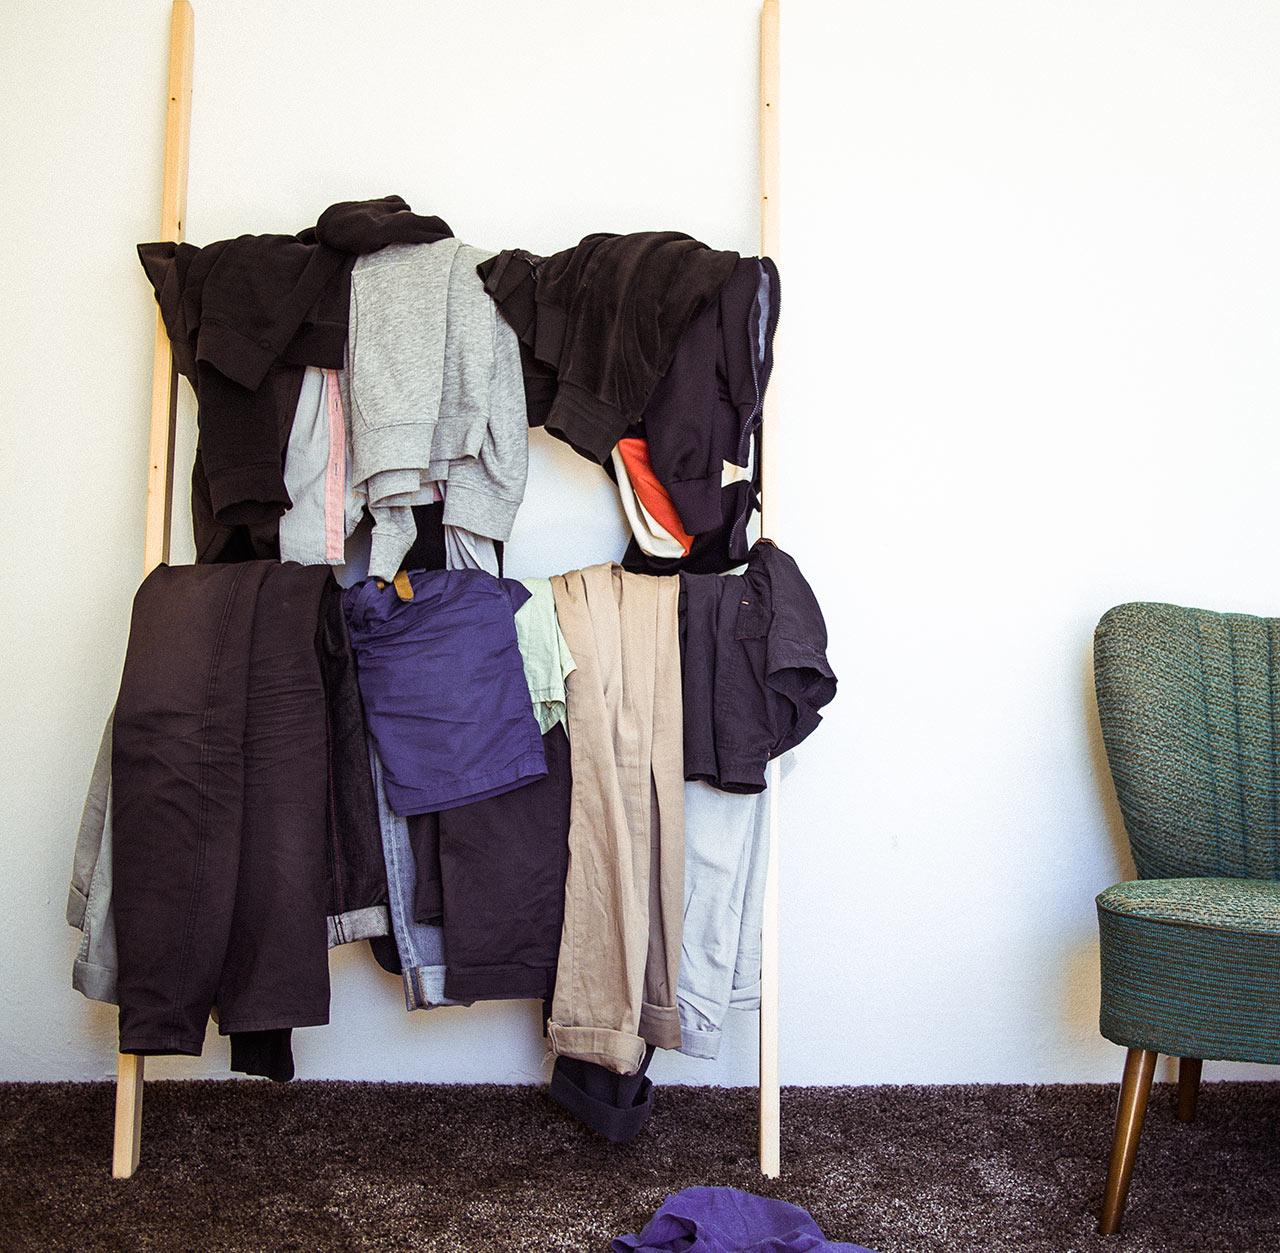 Einfacher Kleiderordner ohne schwedische Montagewehen, Anwendungsbeispiel